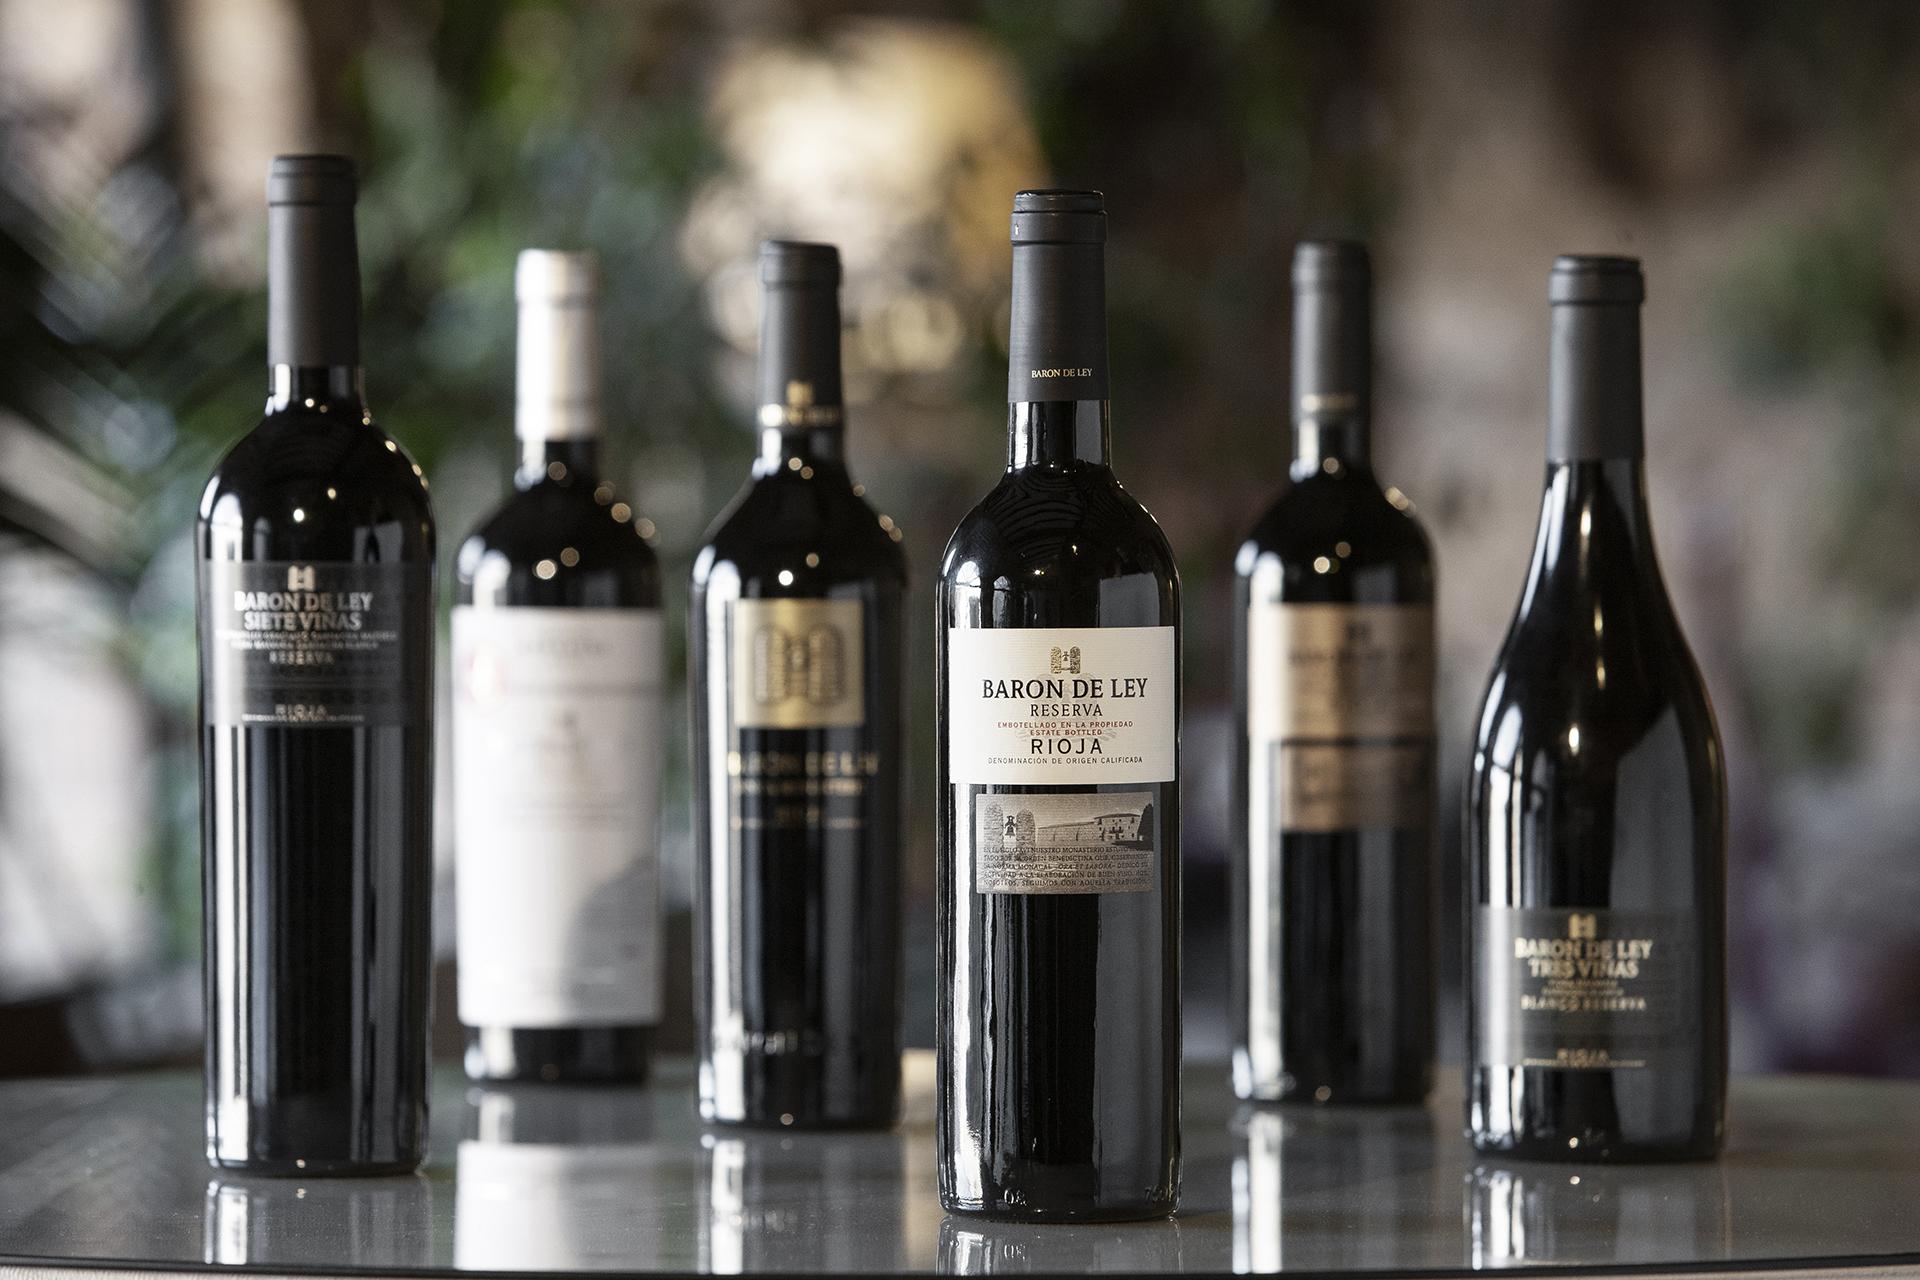 Botellas de vino de Barón de Ley